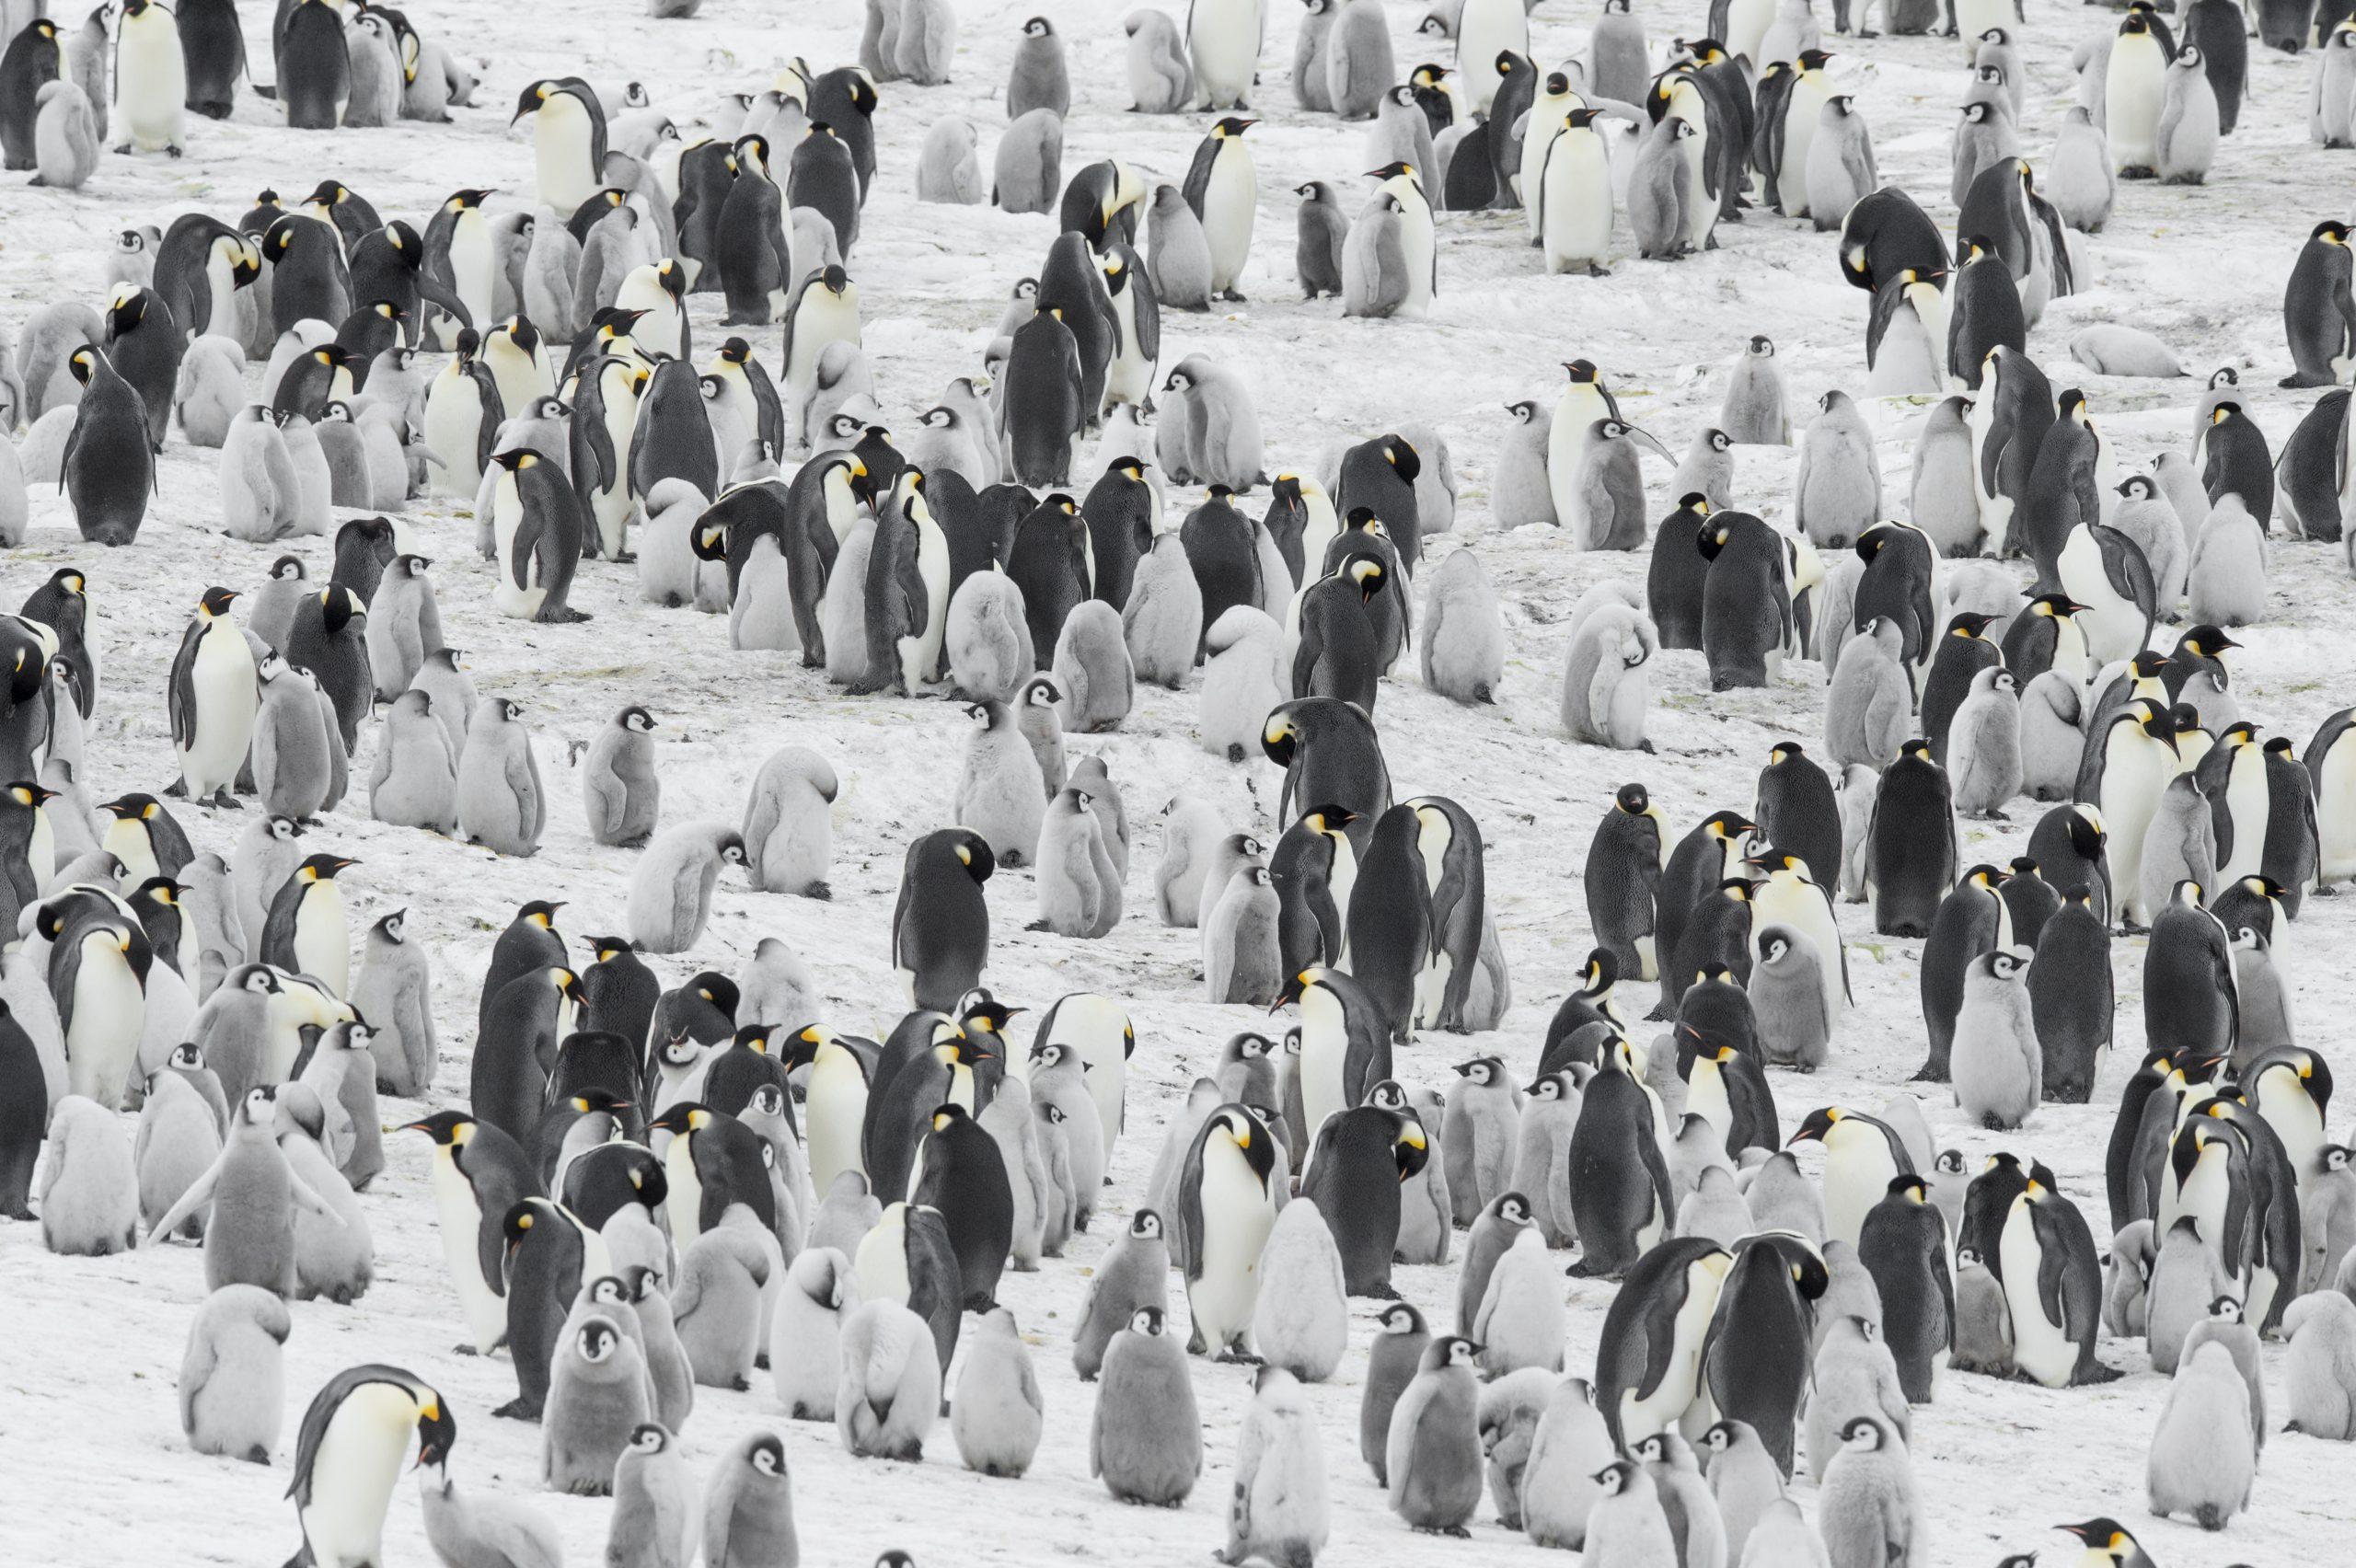 La colonie des manchots Empereur ©Vincent Munier_Expédition Wild-Touch Antarctica!